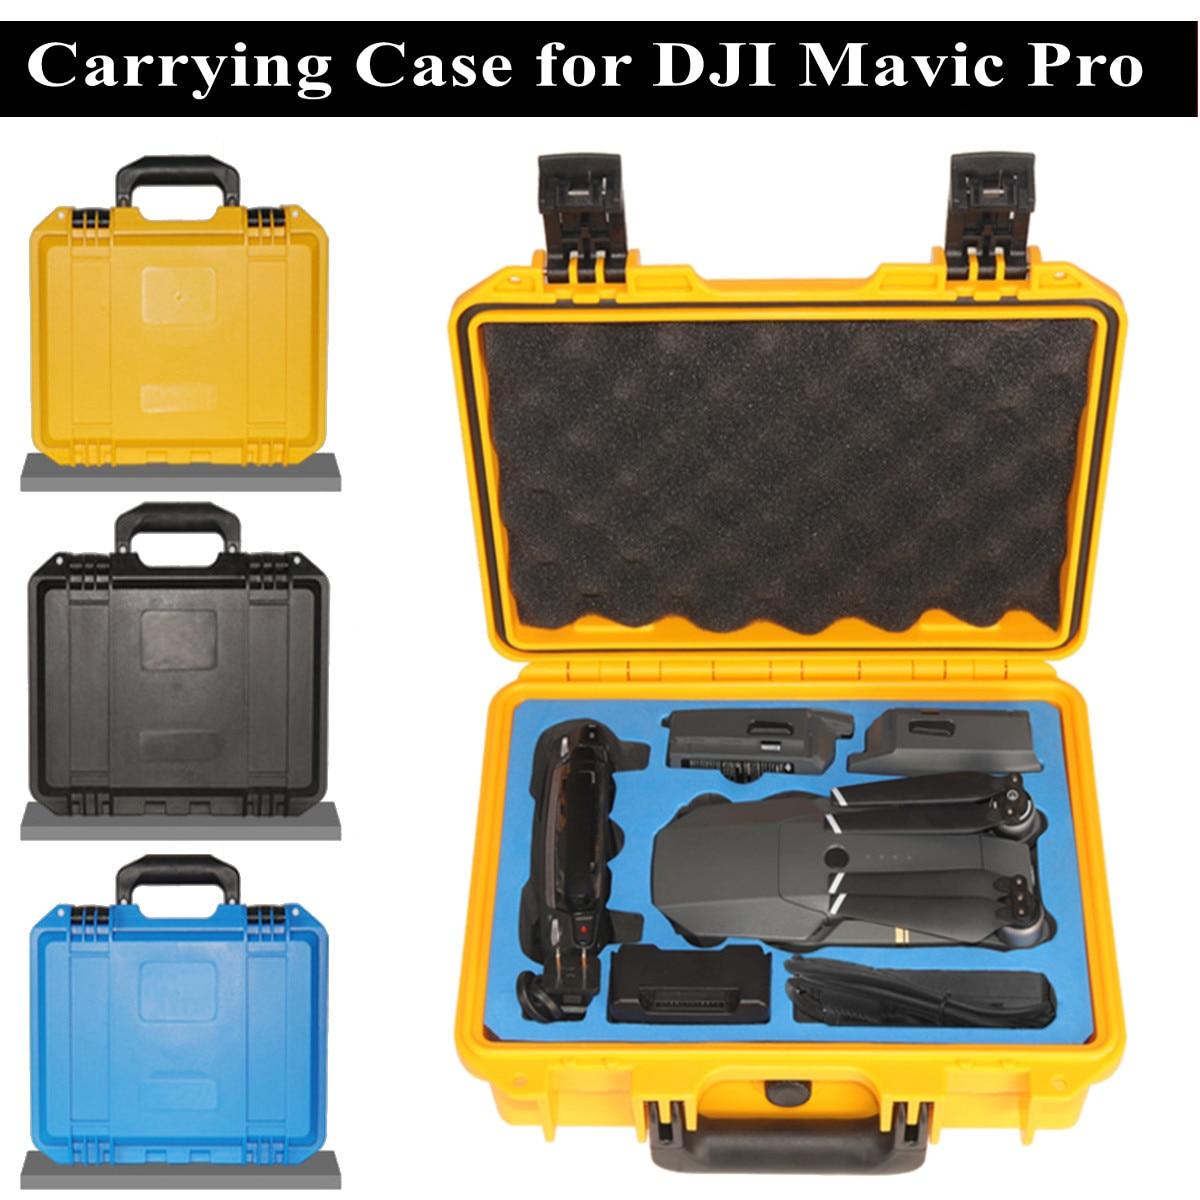 Carring чехол Защитный портативный ящик водонепроницаемый непромокаемый ABS + EVA Жесткий Чехол для DJI Mavic Pro RC Drone